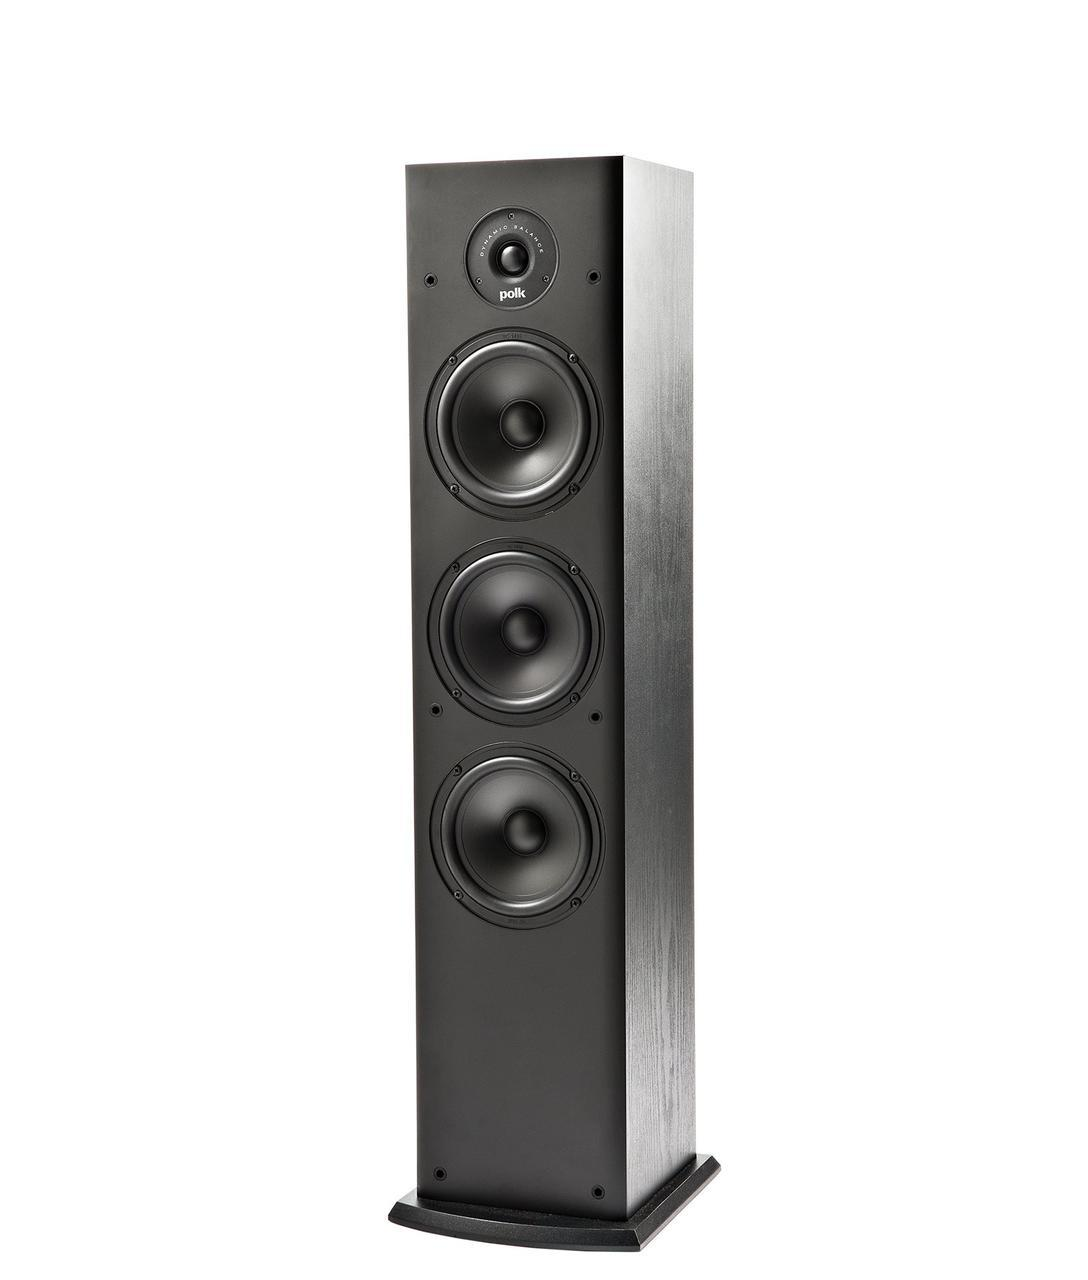 Акустика напольная фронтальная монополярная, двухполосная, пассивная, фазоинверторная Polk Audio T50, 90, 38 Г